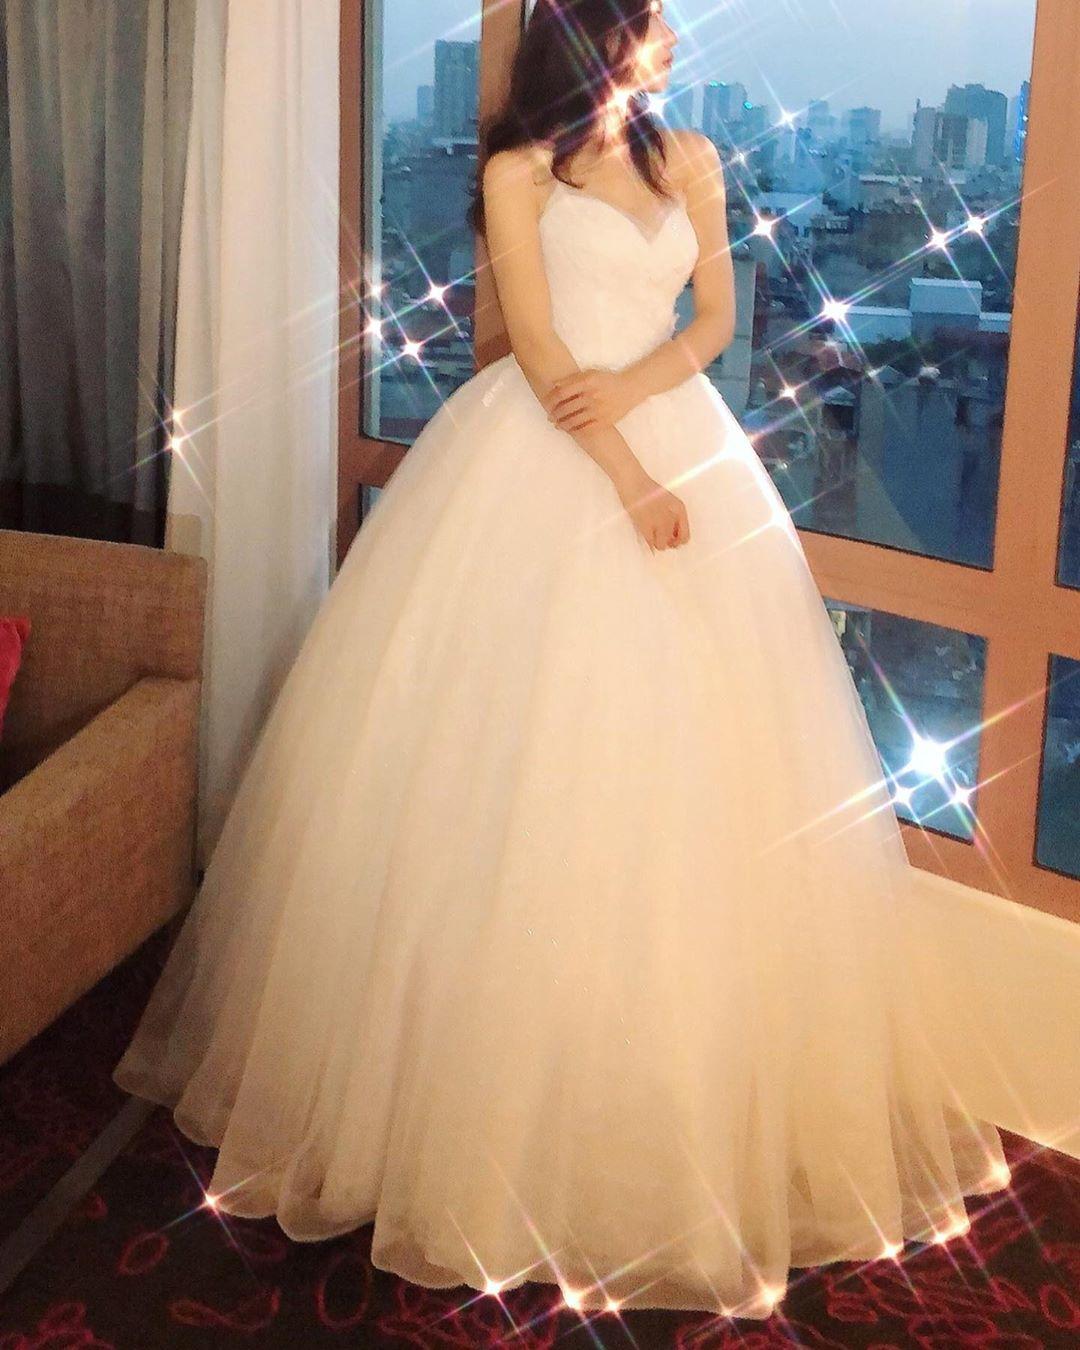 Dáng người khi mặc váy cưới đà nẵng